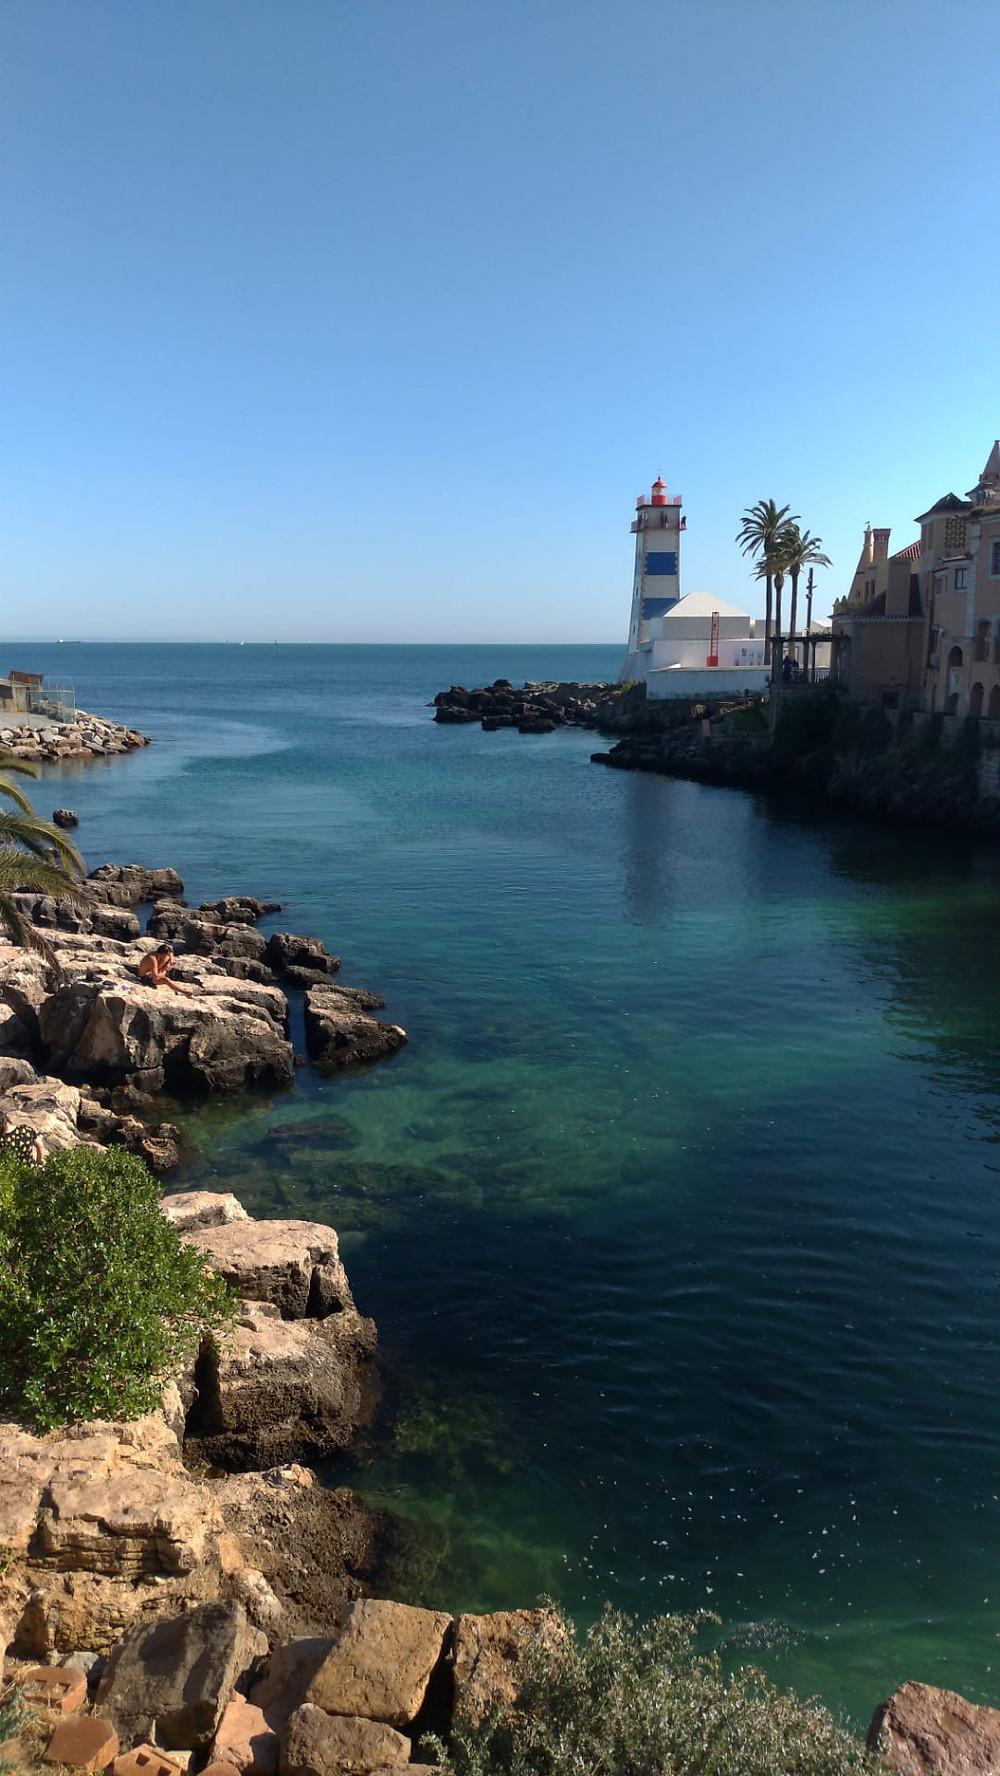 cascais ocean view for a destination overseas wedding in Portugal